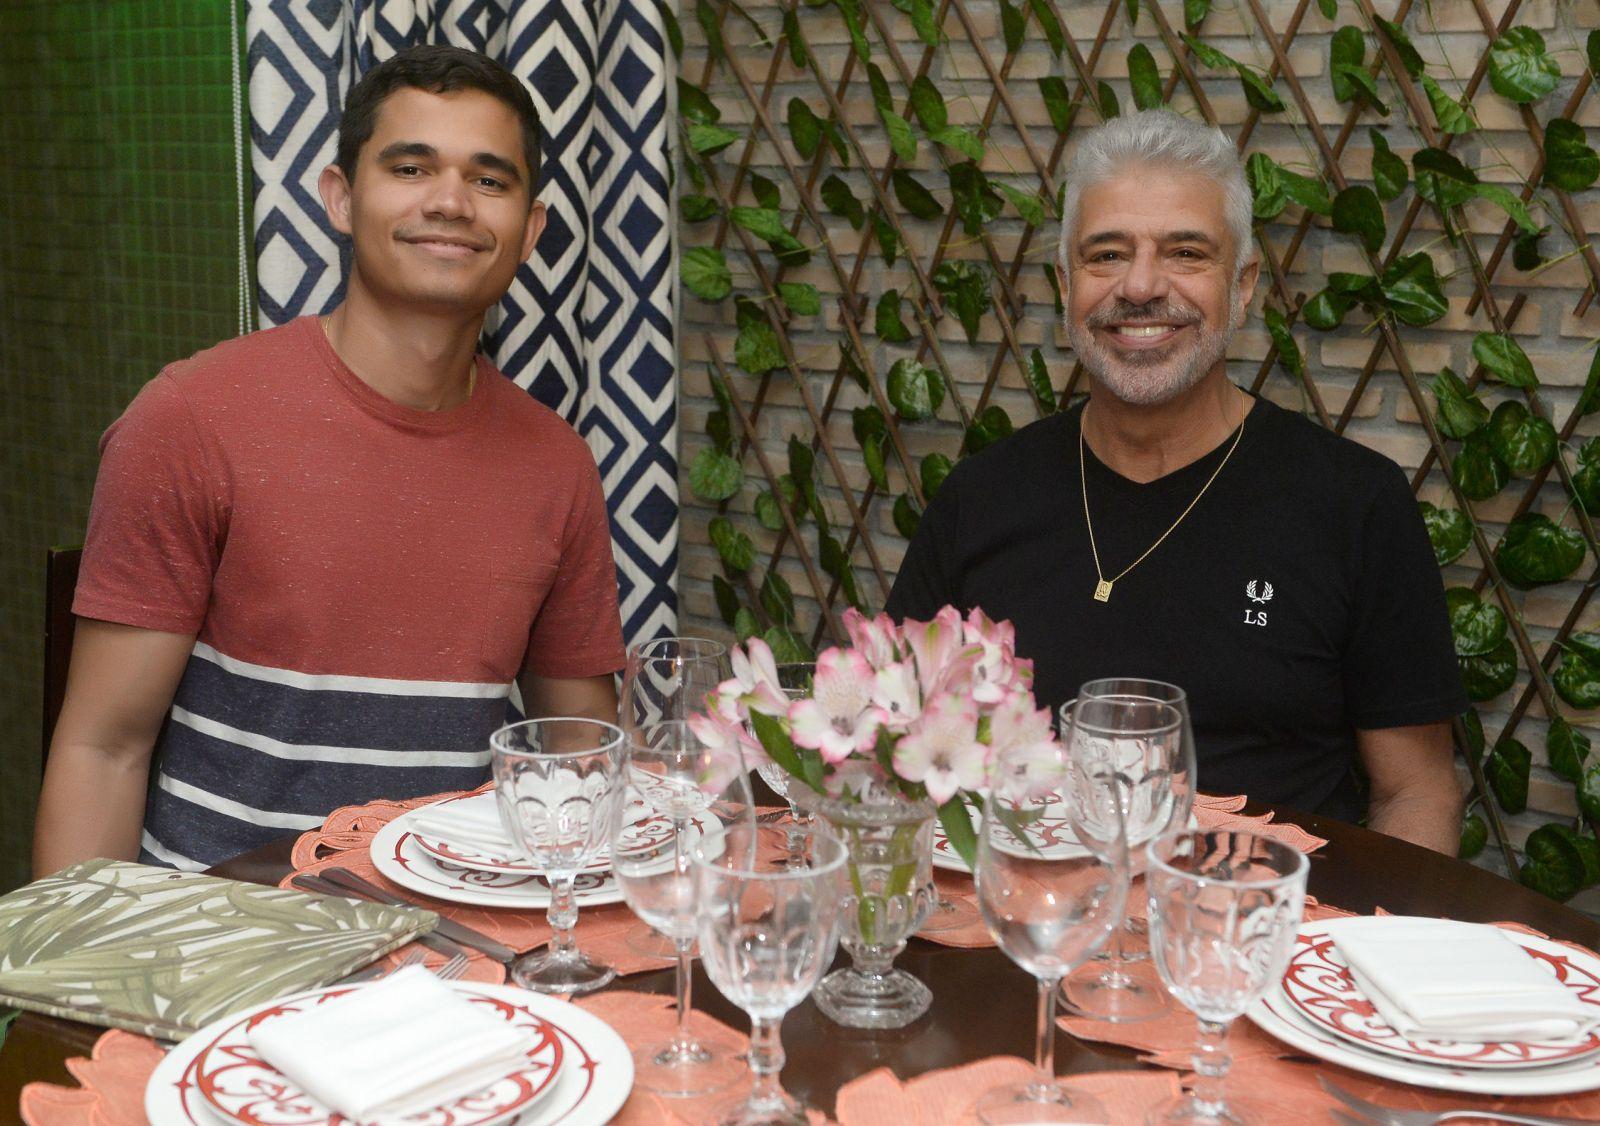 O cantor Lulu Santos e seu marido Clebson Teixeira jantando em Salvador no Bistrô Trapiche Adega